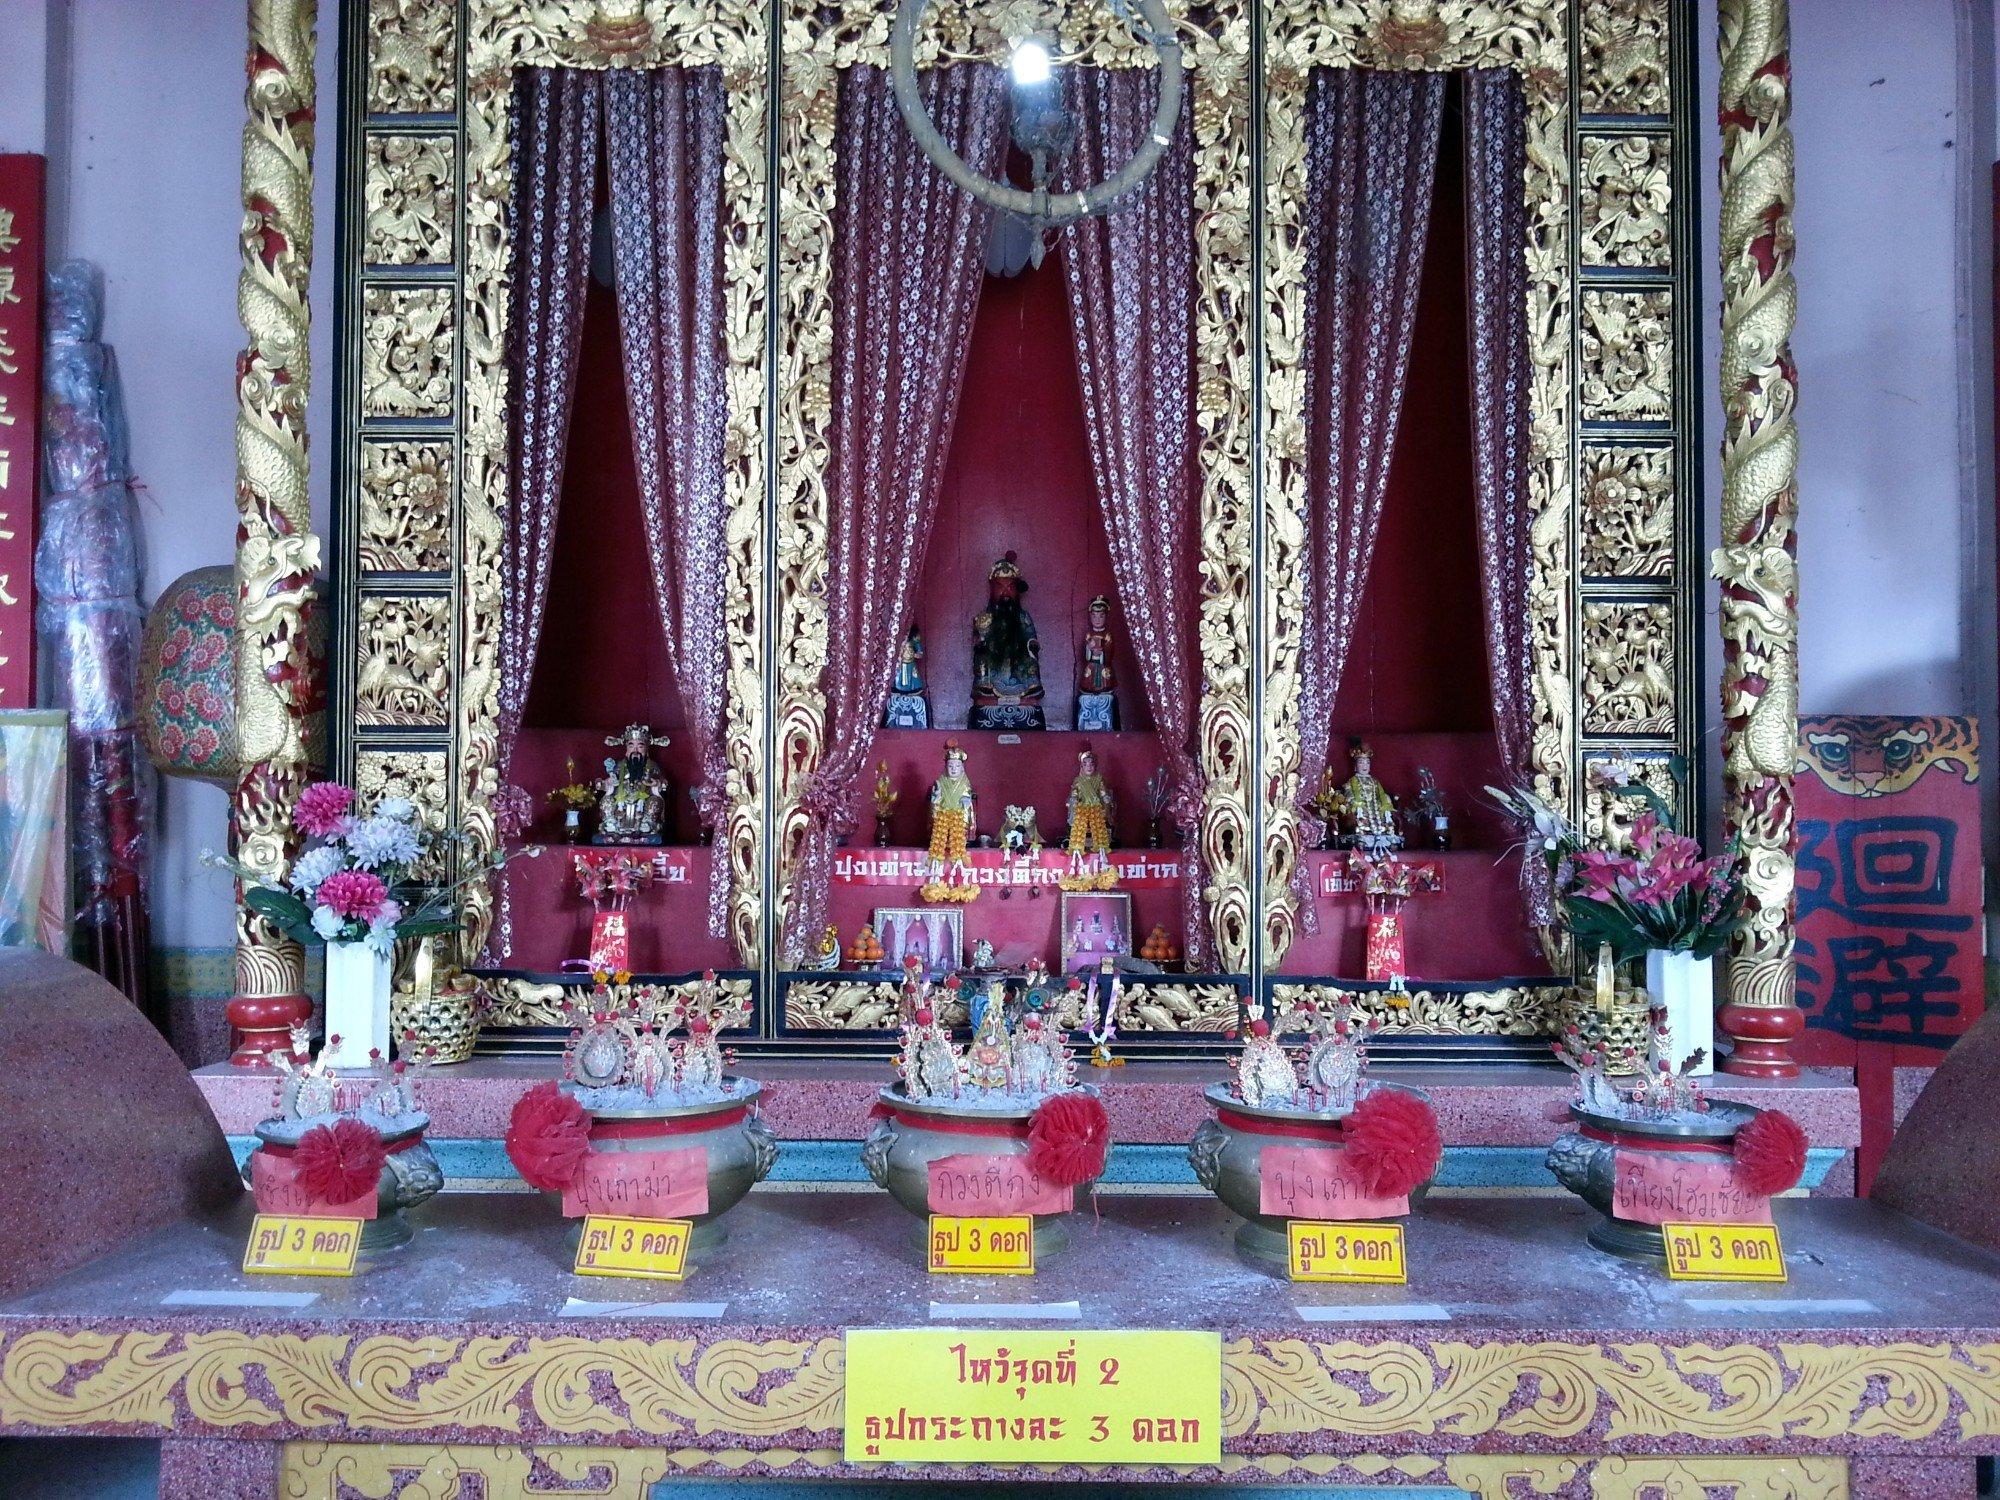 Inside Pung Thao Kong Shrine